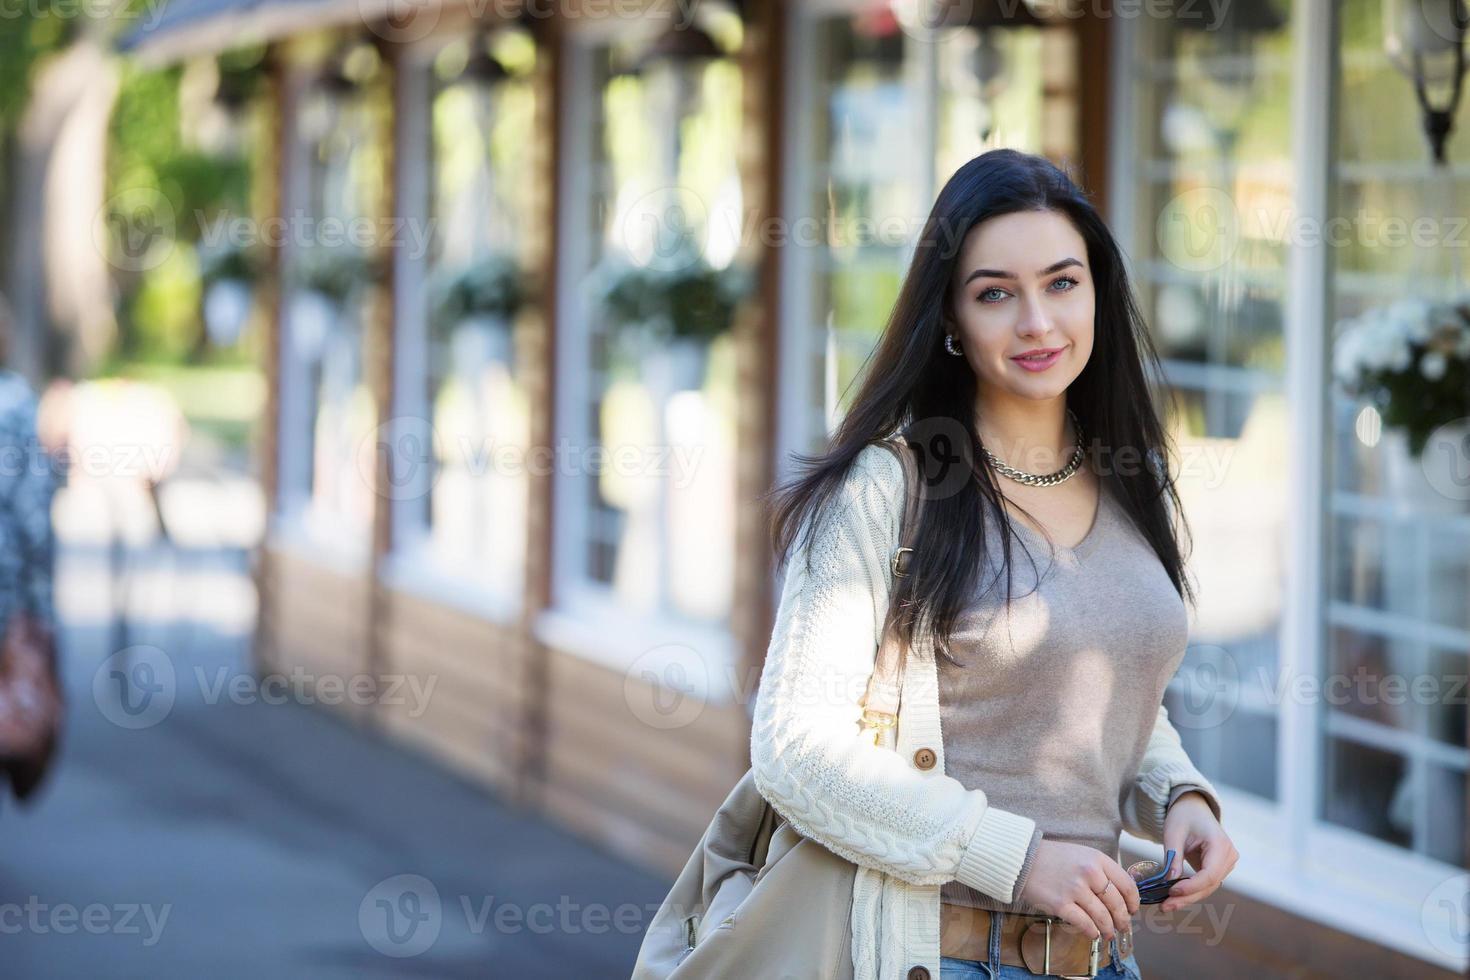 ragazza adolescente nel parco foto